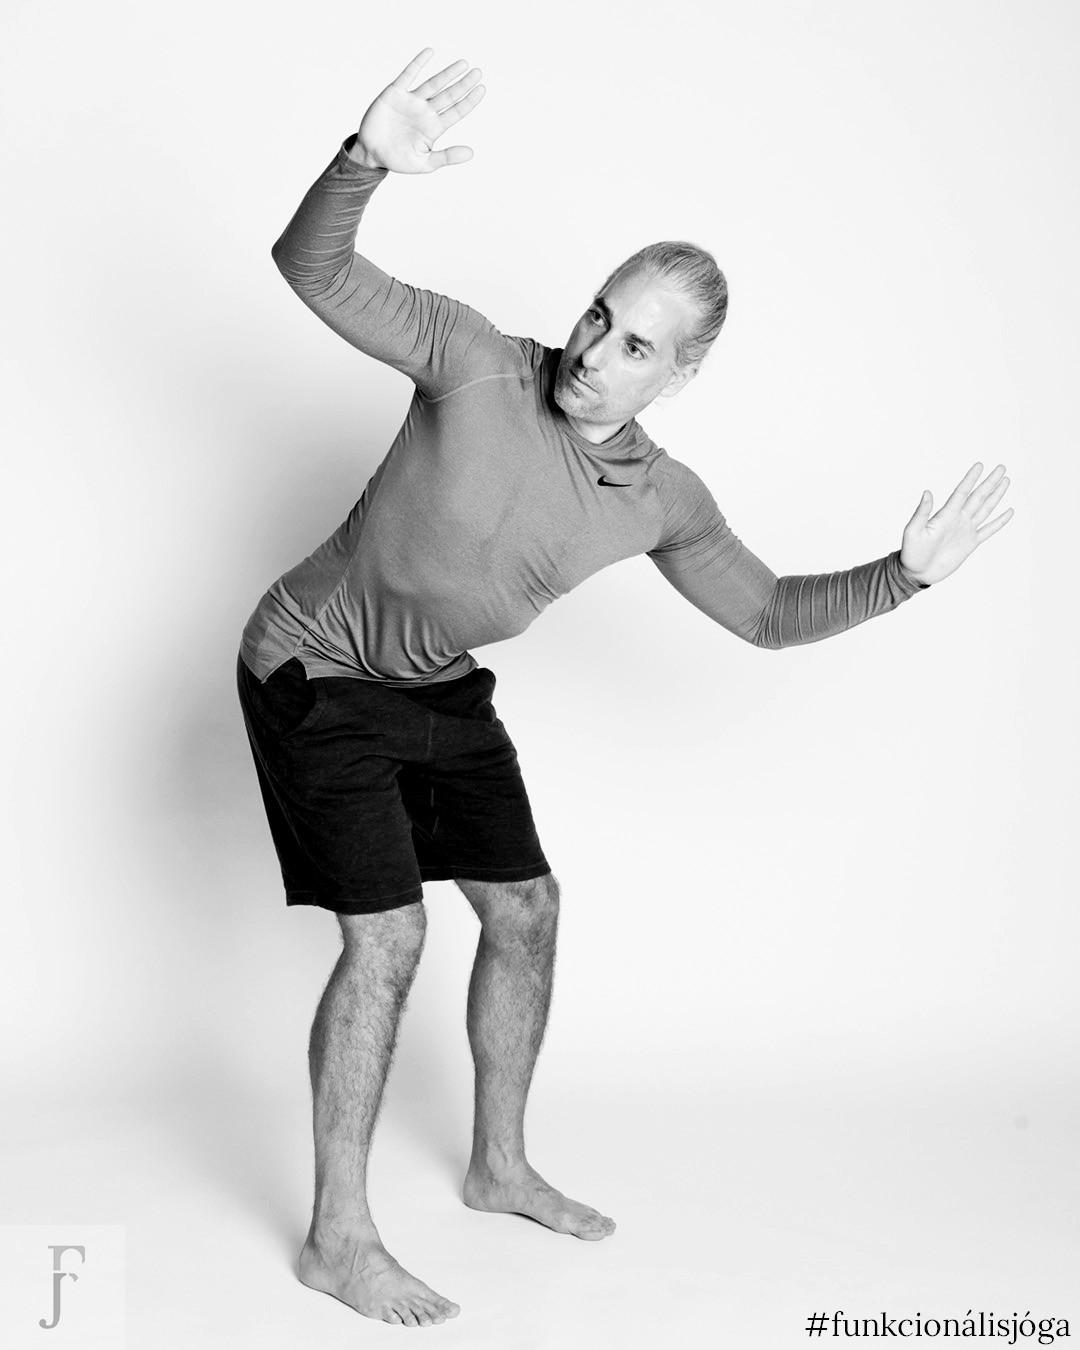 állva törzscsavarás 45 fokos szögben funkcionális jóga gyakorlat hátfájásra 2